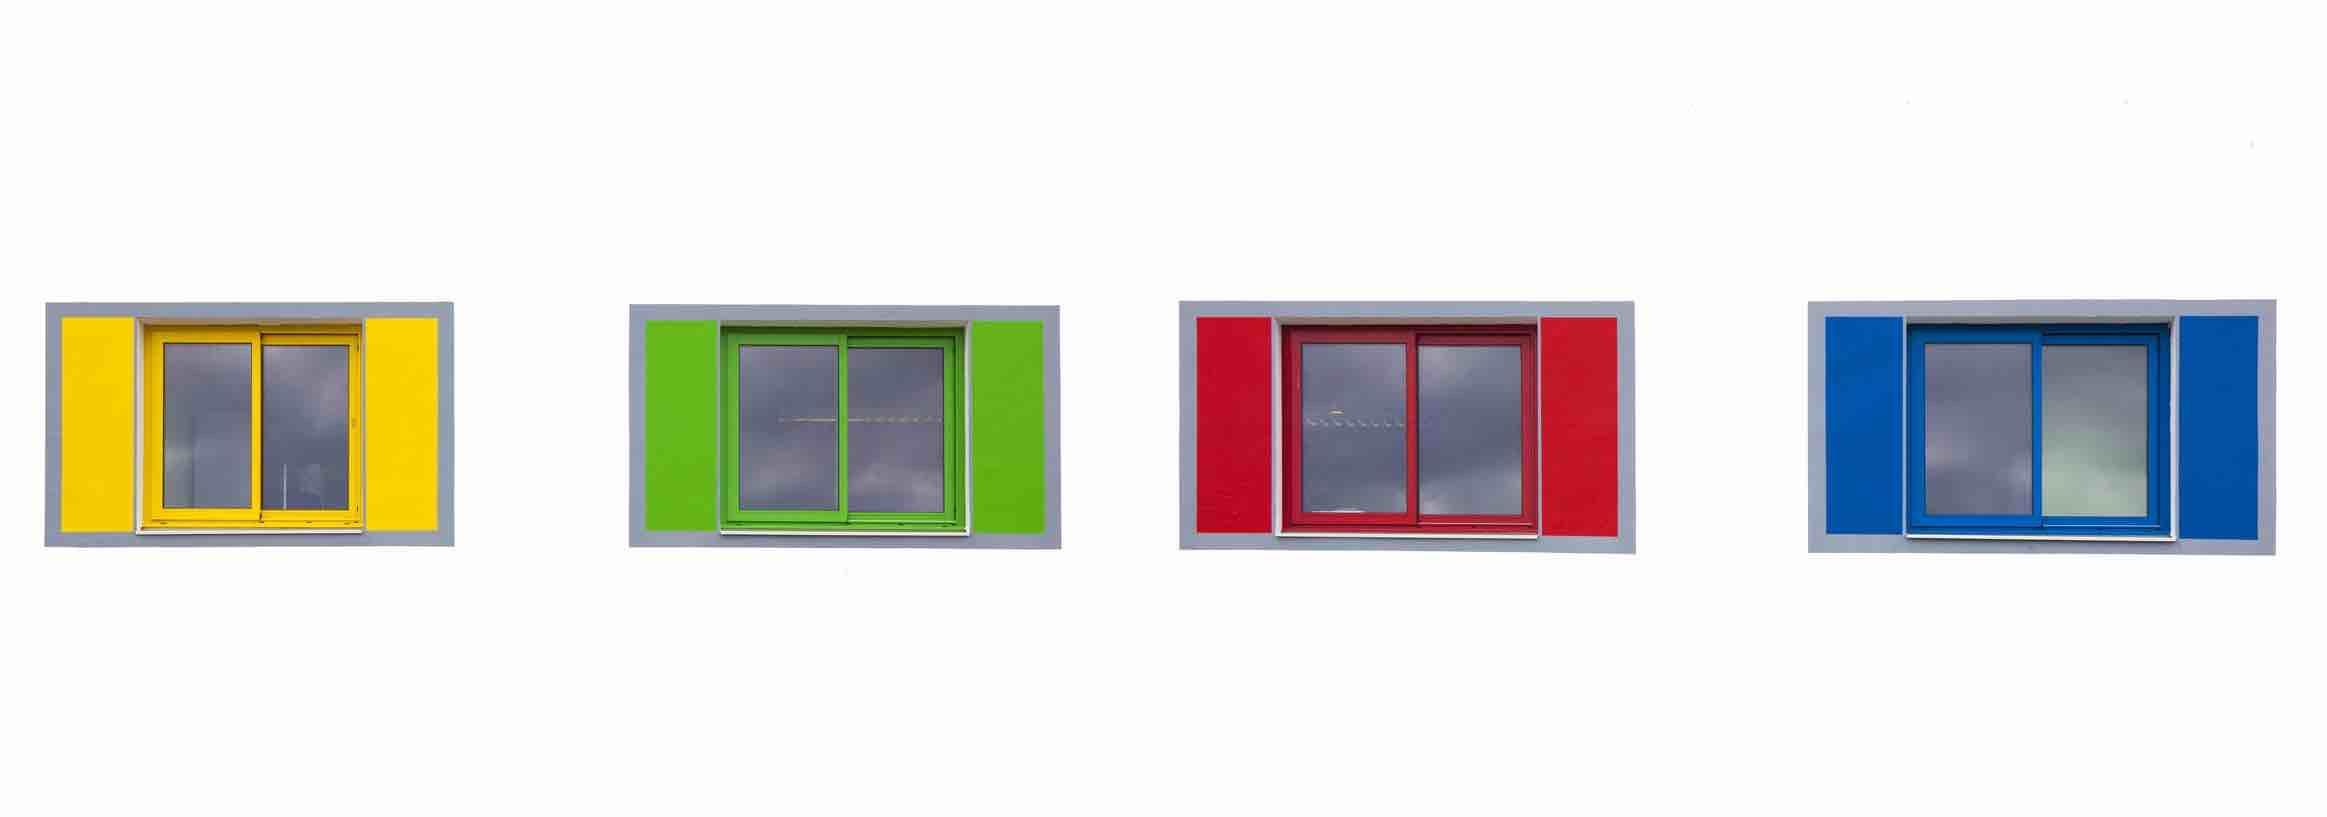 Bauliche Veranderung Modernisierung In Der Eigentumergemeinschaft